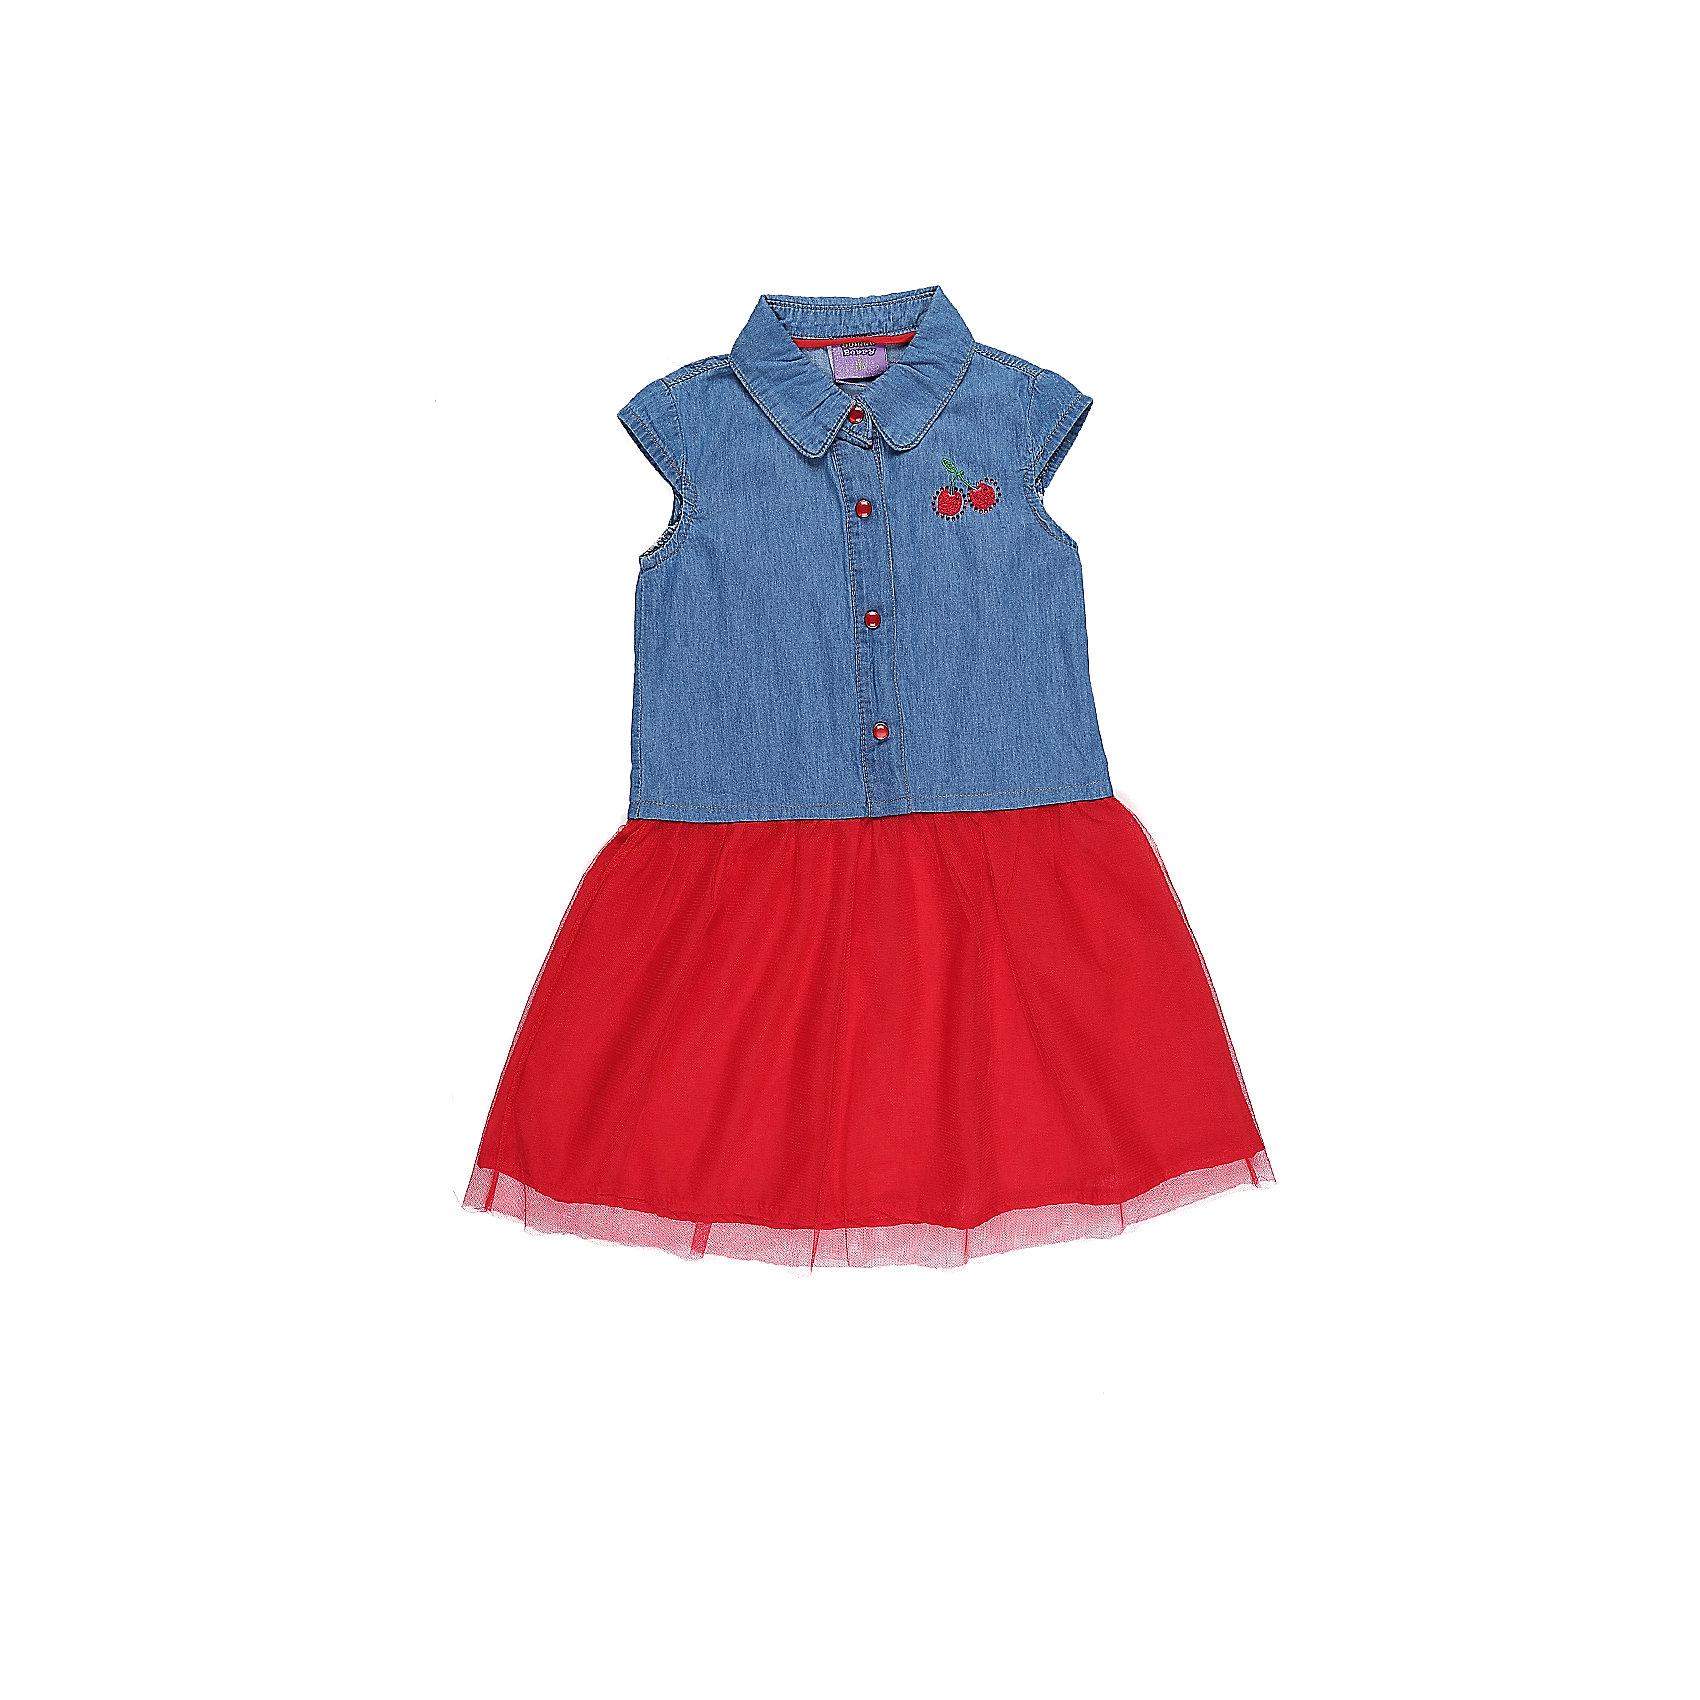 Туника для девочки Sweet BerryПлатья и сарафаны<br>Платье-туника из тонкой хлопковой ткани под джинсу декорированное яркой вышивкой и воланом из яркой тафты.<br>Состав:<br>100%хлопок<br><br>Ширина мм: 236<br>Глубина мм: 16<br>Высота мм: 184<br>Вес г: 177<br>Цвет: разноцветный<br>Возраст от месяцев: 36<br>Возраст до месяцев: 48<br>Пол: Женский<br>Возраст: Детский<br>Размер: 104,98,110,116,122,128<br>SKU: 5412425